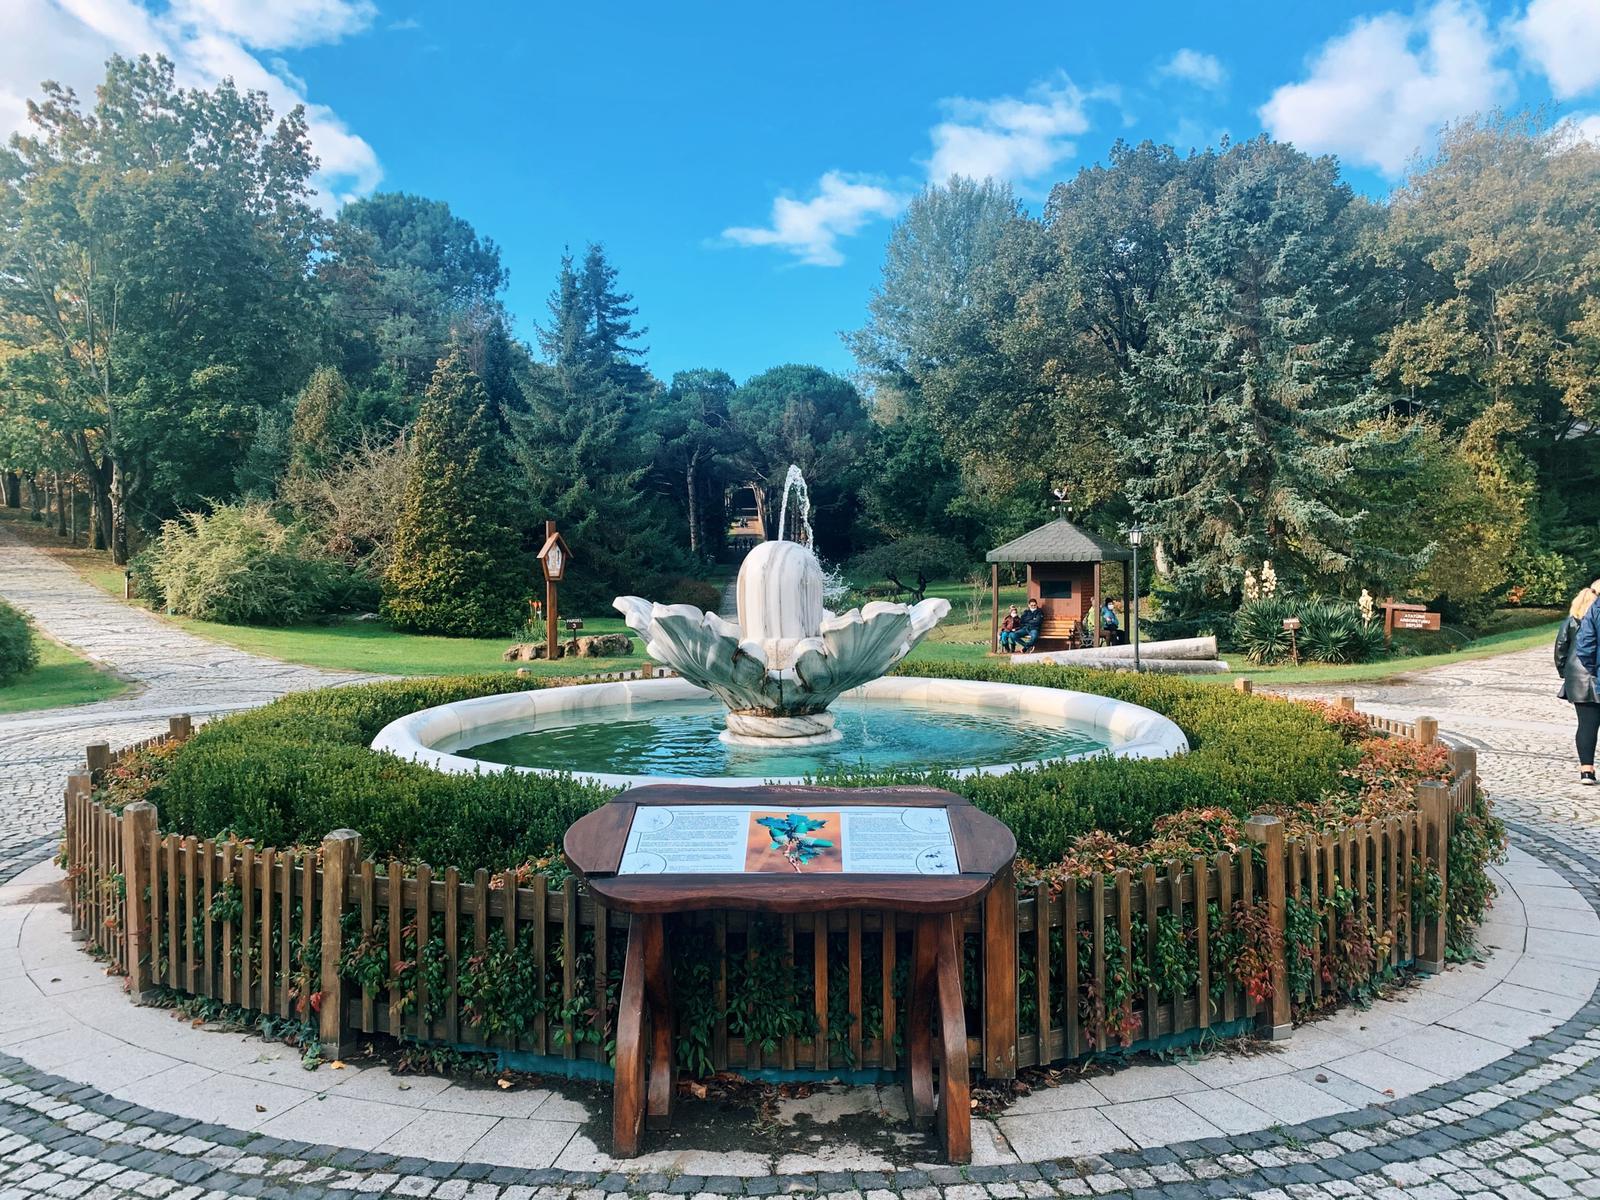 İstanbul'daki Parklar | İstanbul'un Parklarını Geziyorum Bölüm 1